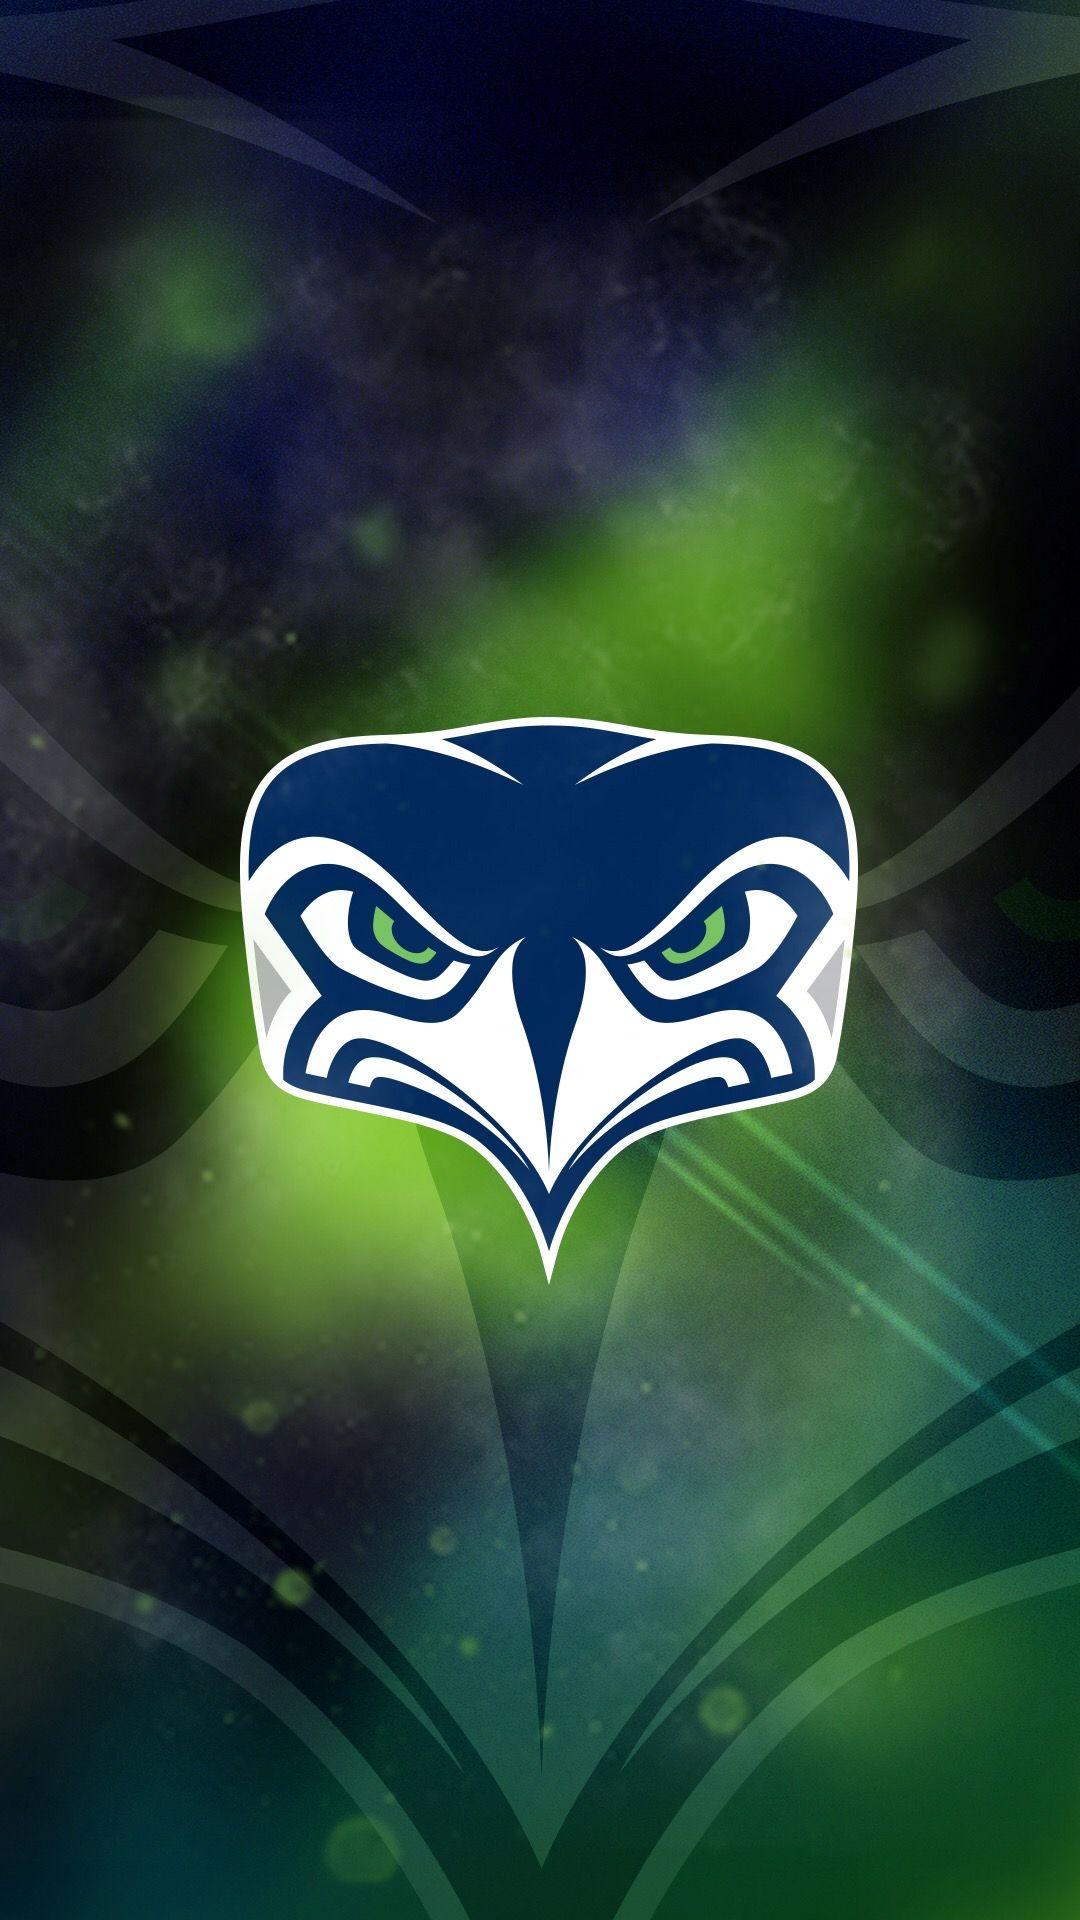 Pin by Eugie on Seattle Seahawks Seattle seahawks, Green